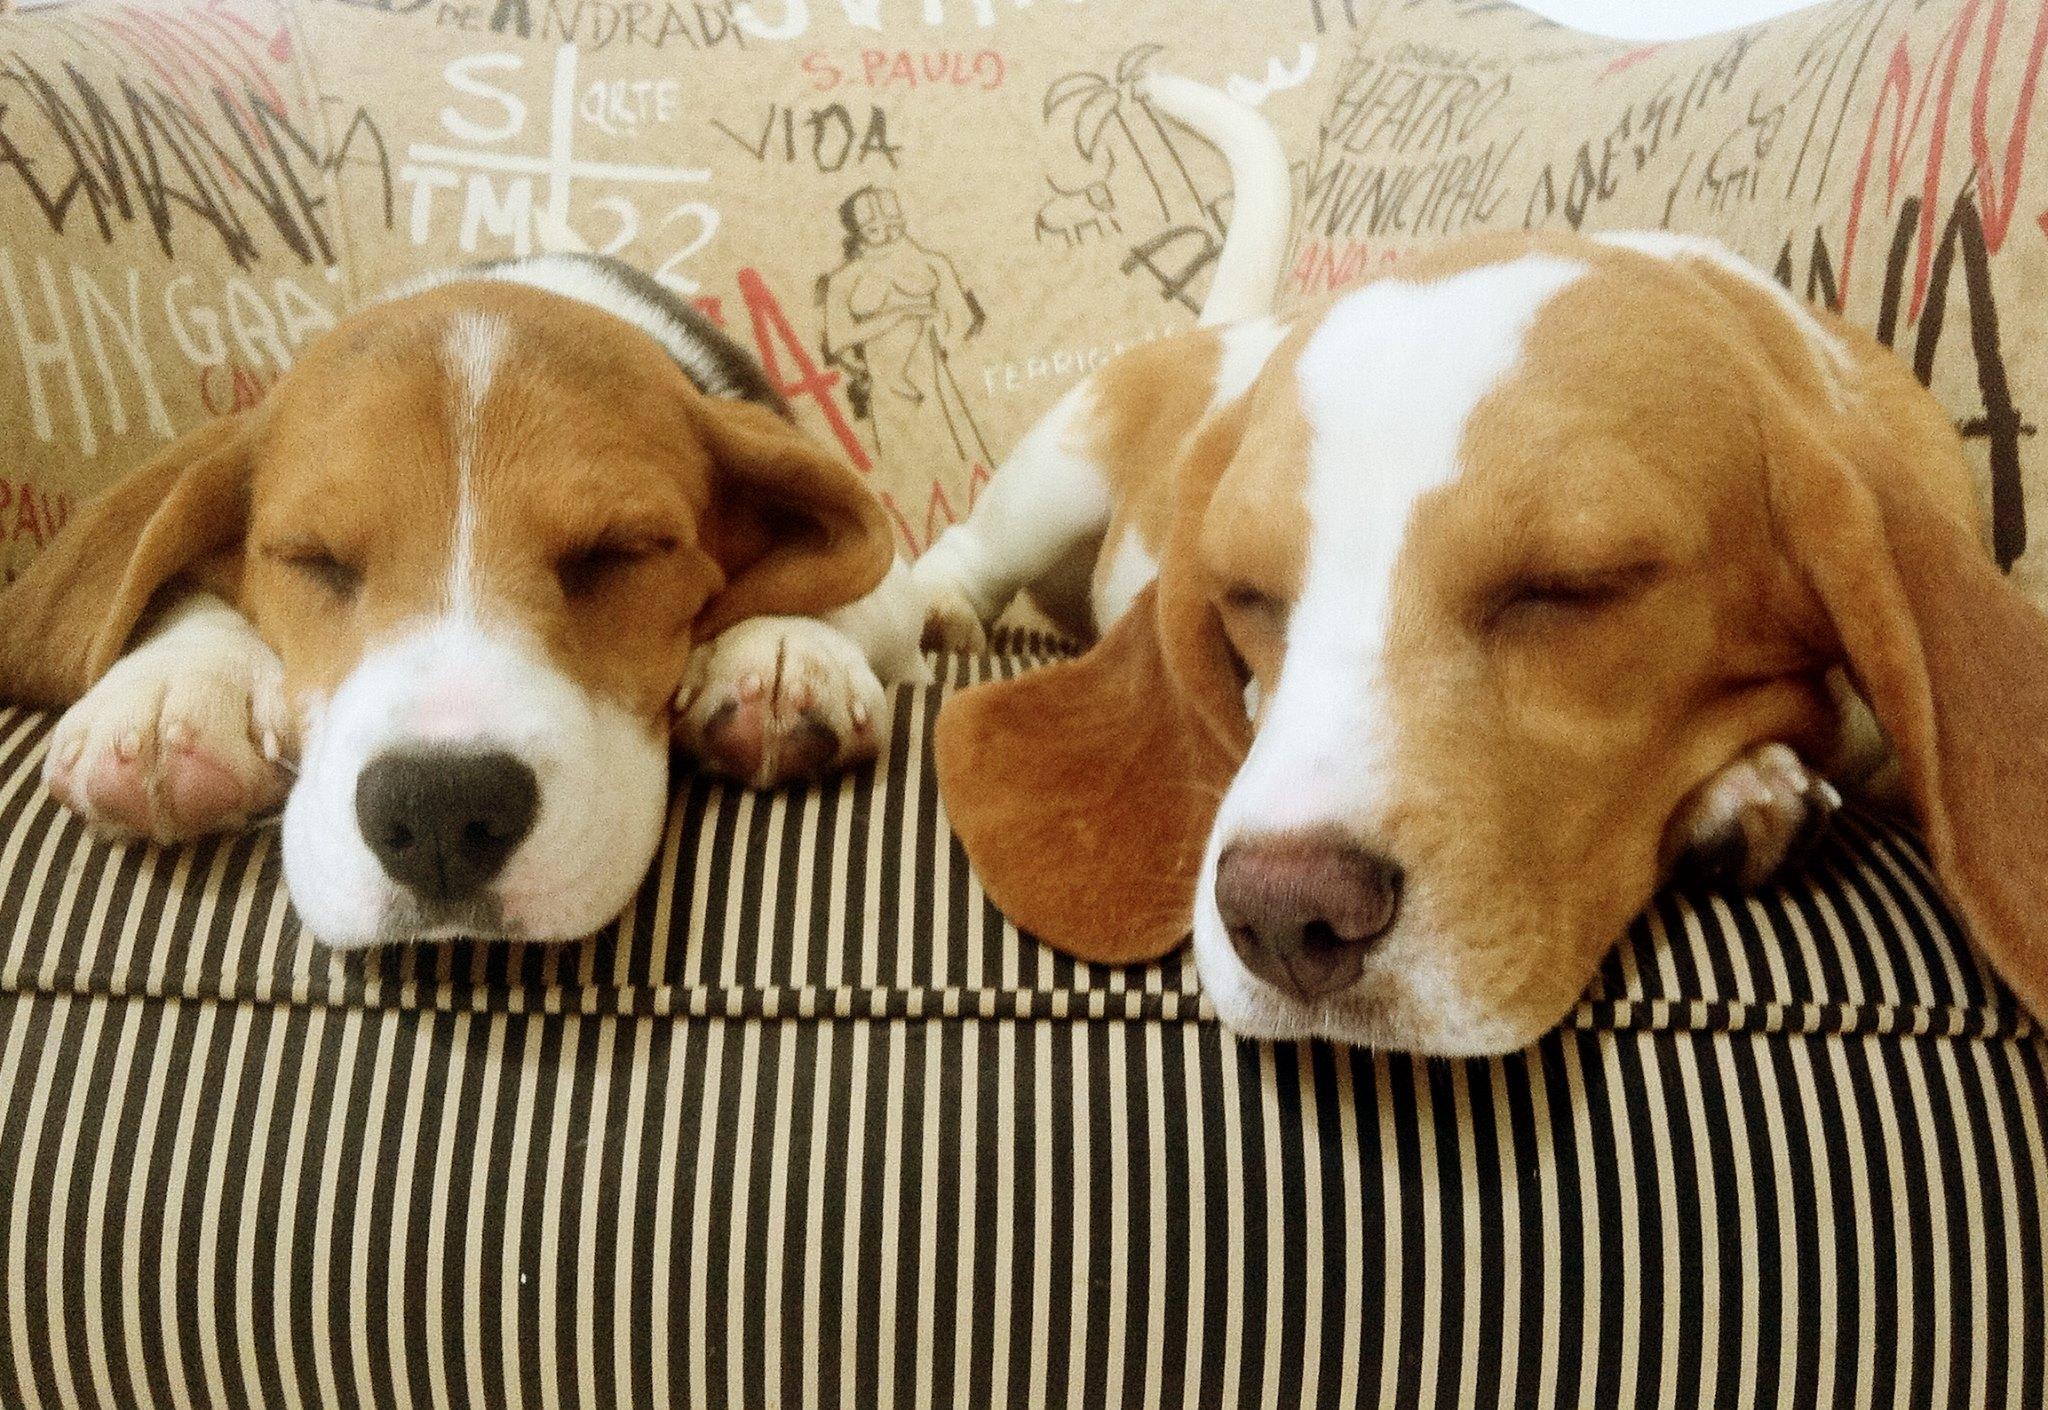 EBC Resgate dos cães beagles não foi premeditado diz ativista #73441E 2048x1410 Aqui Não é Banheiro De Cachorro